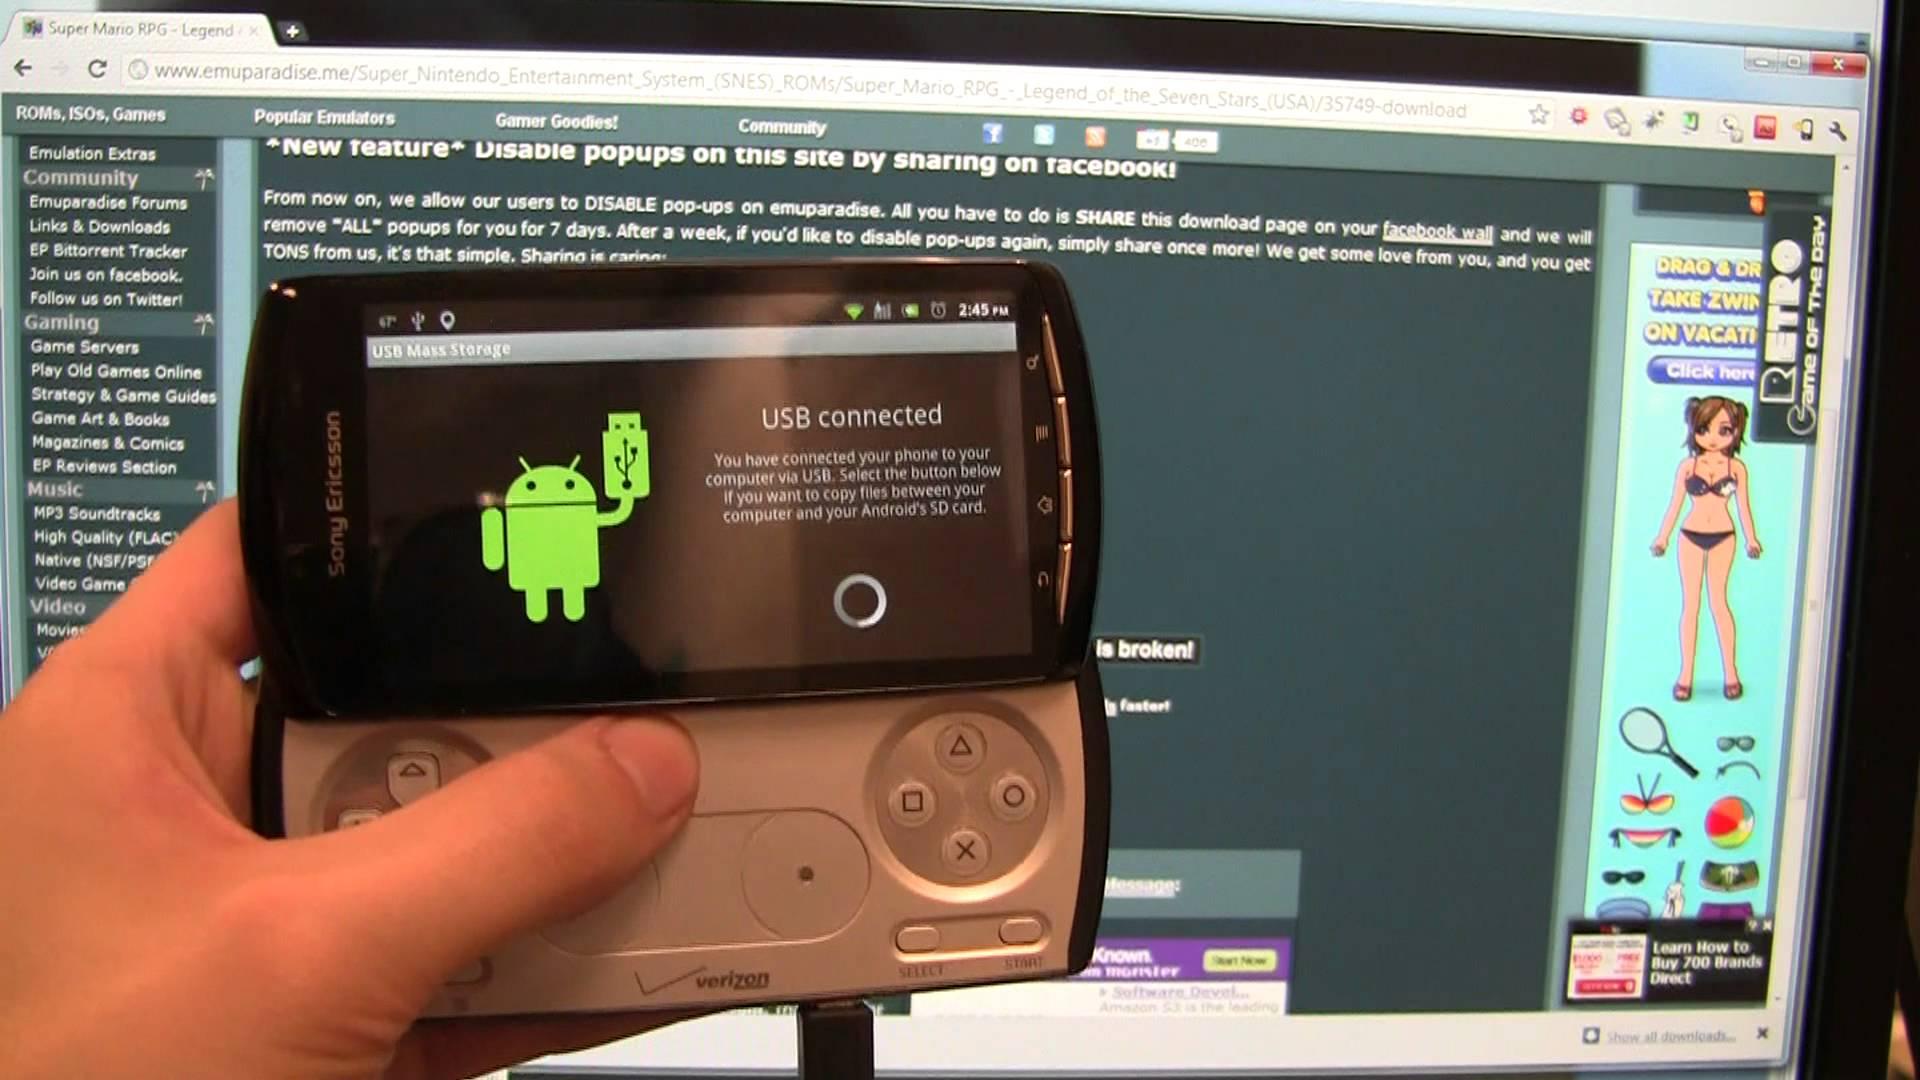 Schermata dell'emulatore Android Emulator